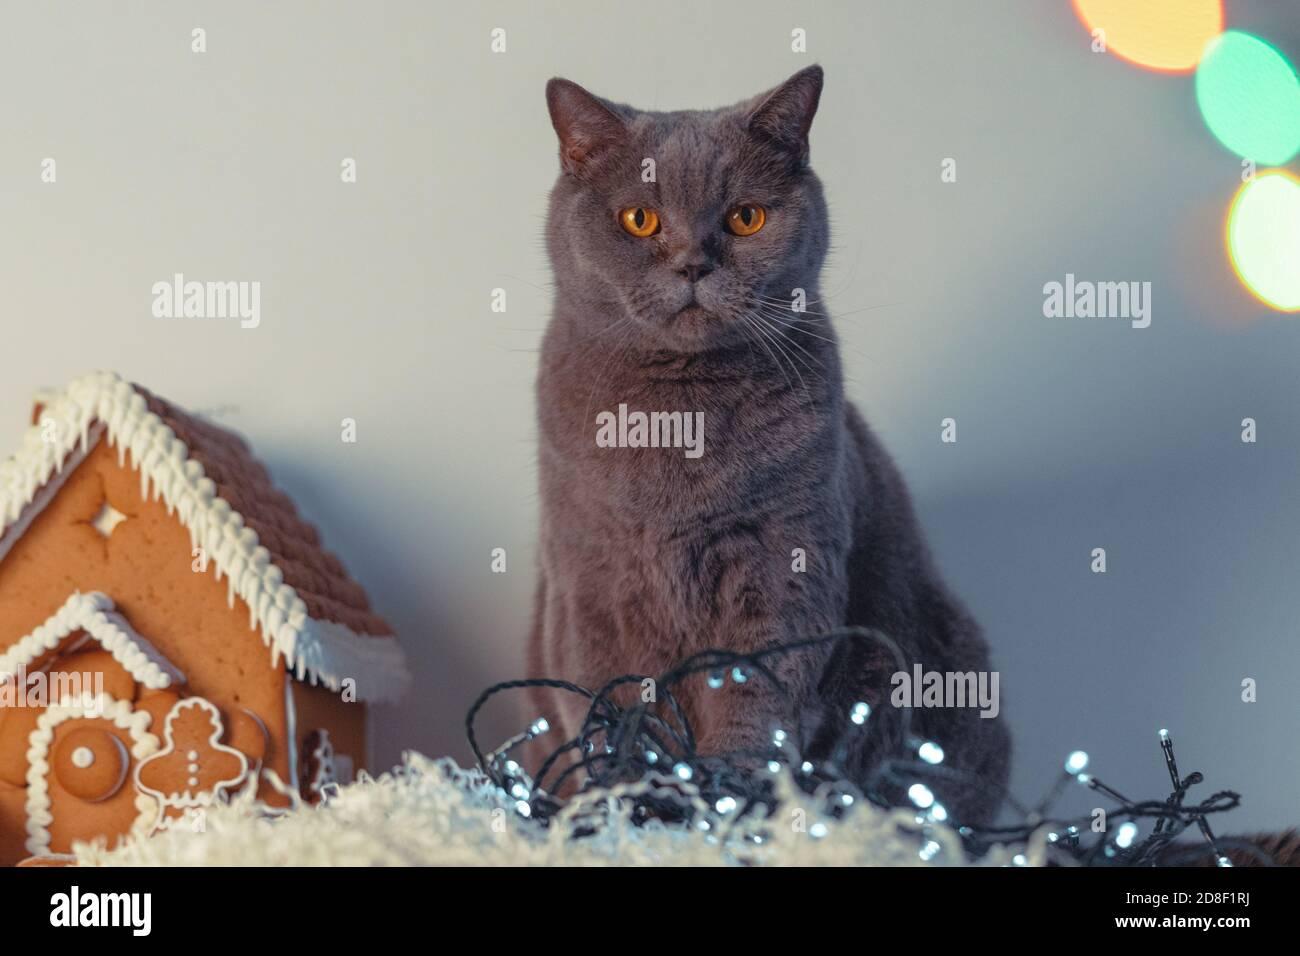 Mignon chat britannique frowning près de Gingerbread House et Garland. Carte de félicitations et d'invitation pour le nouvel an et Noël. Fond d'écran. Arrière-plan. Banque D'Images